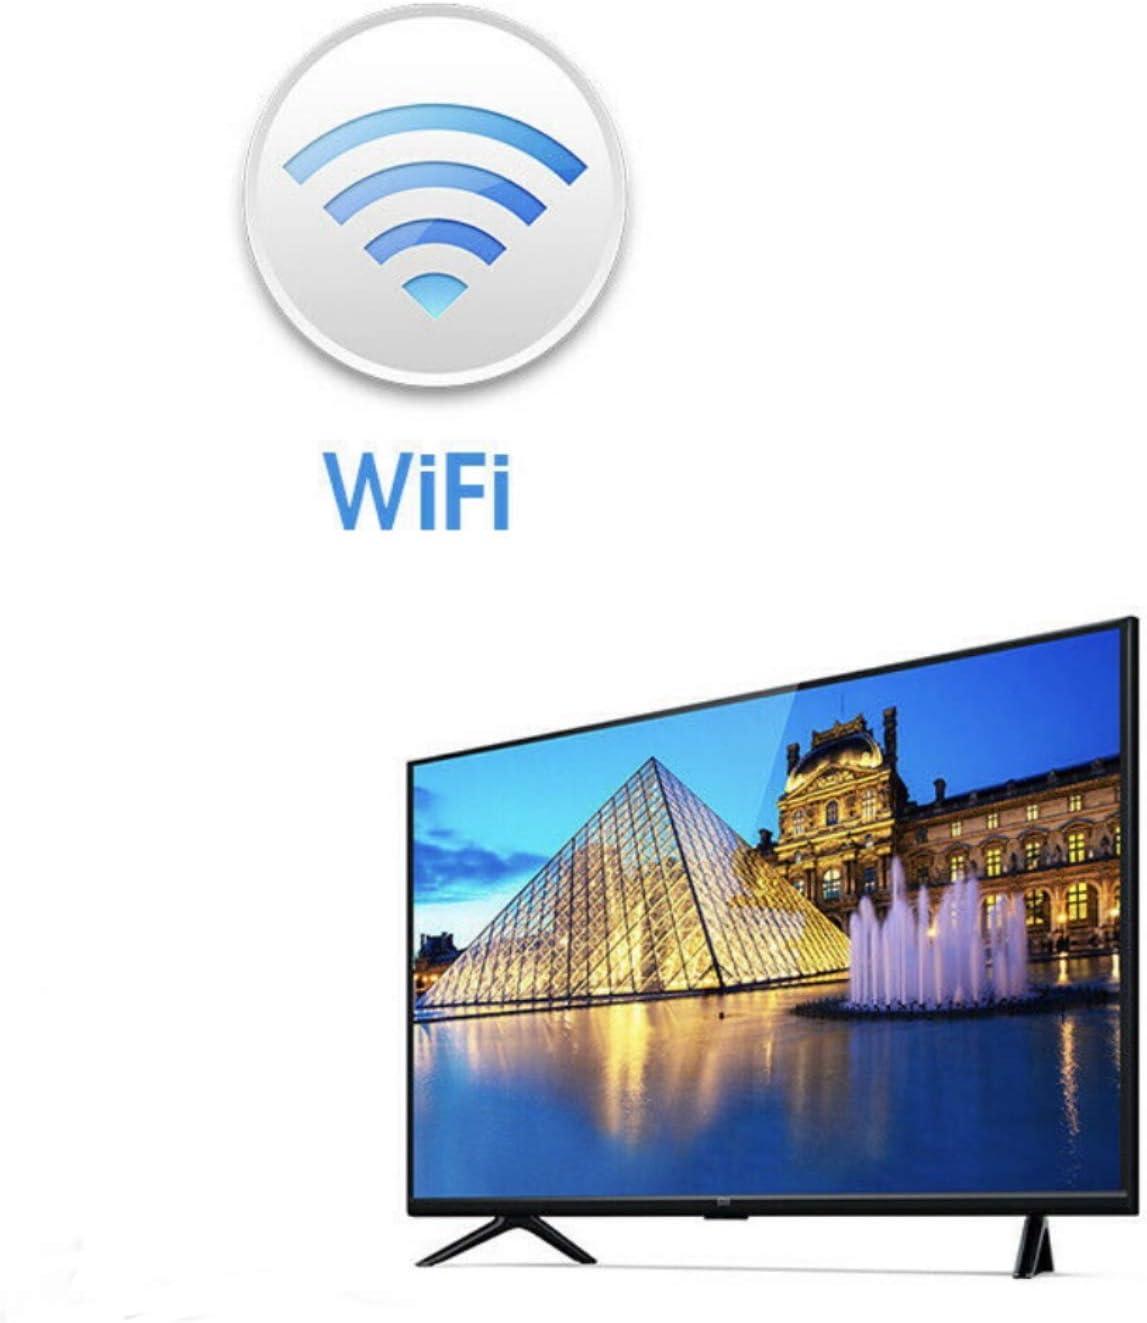 WiFi Stick para Samsung Smart TV (Modelos de año 2009 – 2011) Reemplazo de Adaptador LAN WiFi inalámbrico para WIS09ABGN o WIS12ABGN X (confirma Que ...